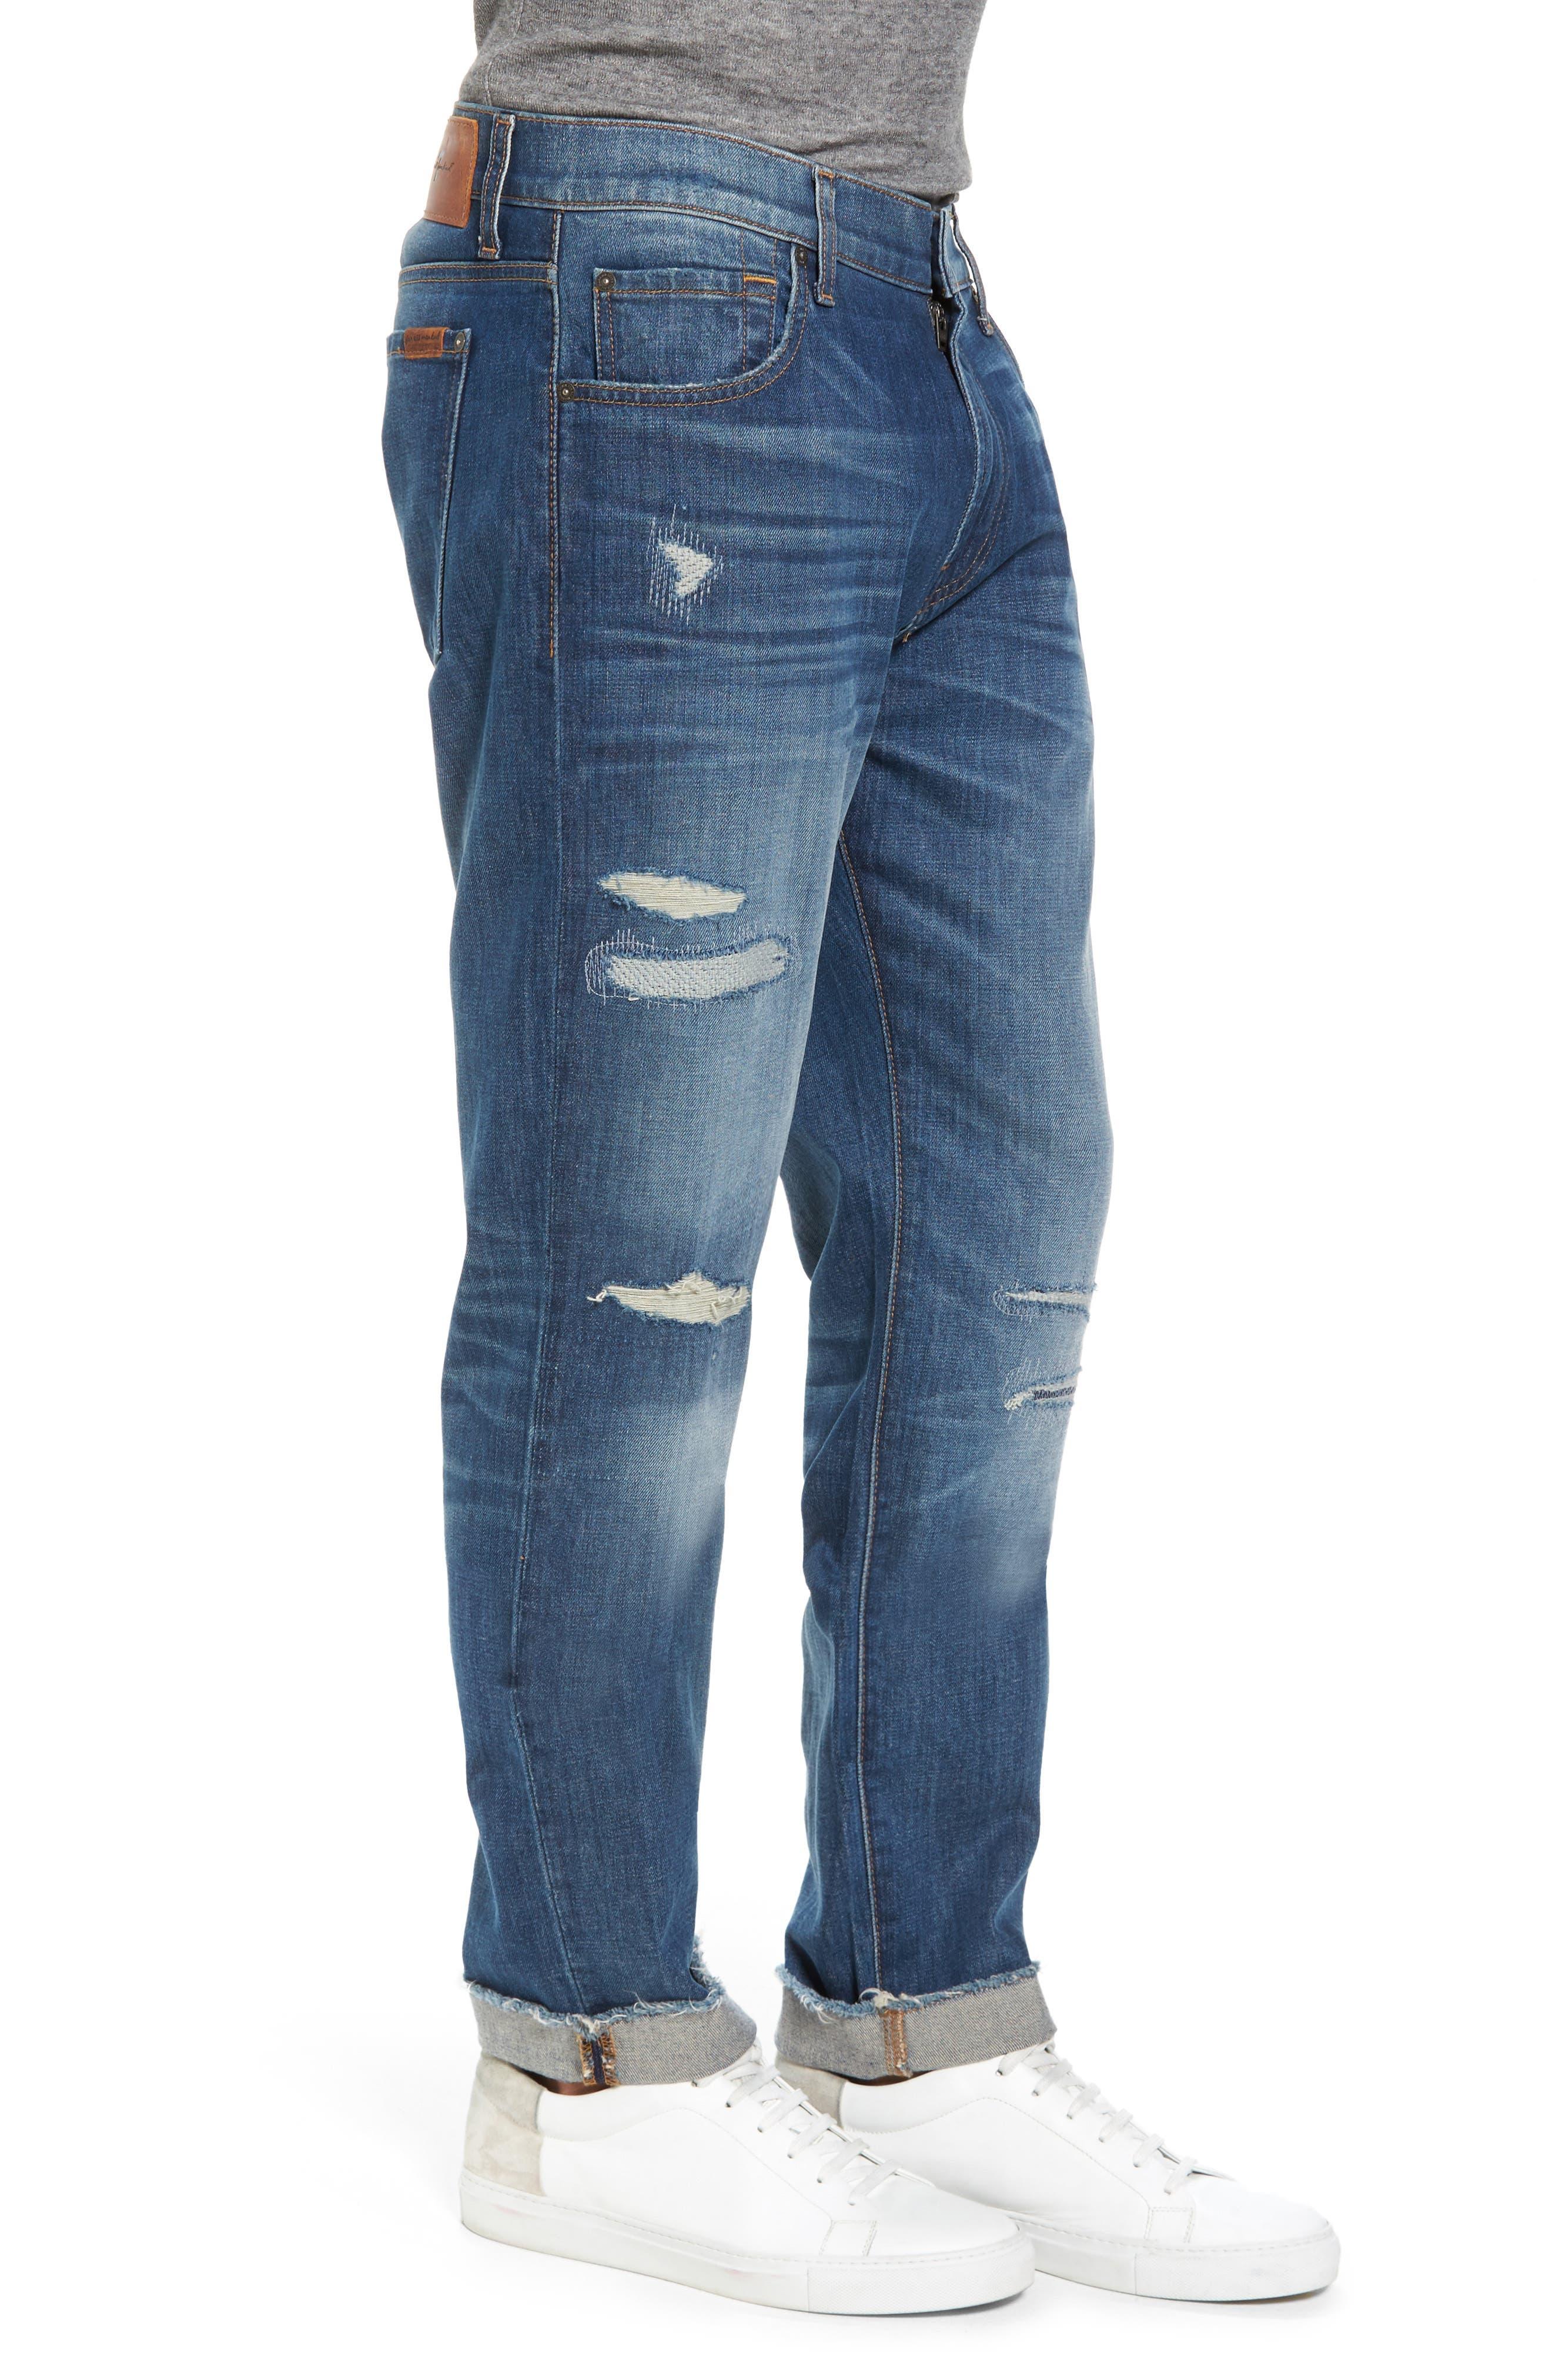 Adrien Slim Fit Jeans,                             Alternate thumbnail 3, color,                             403